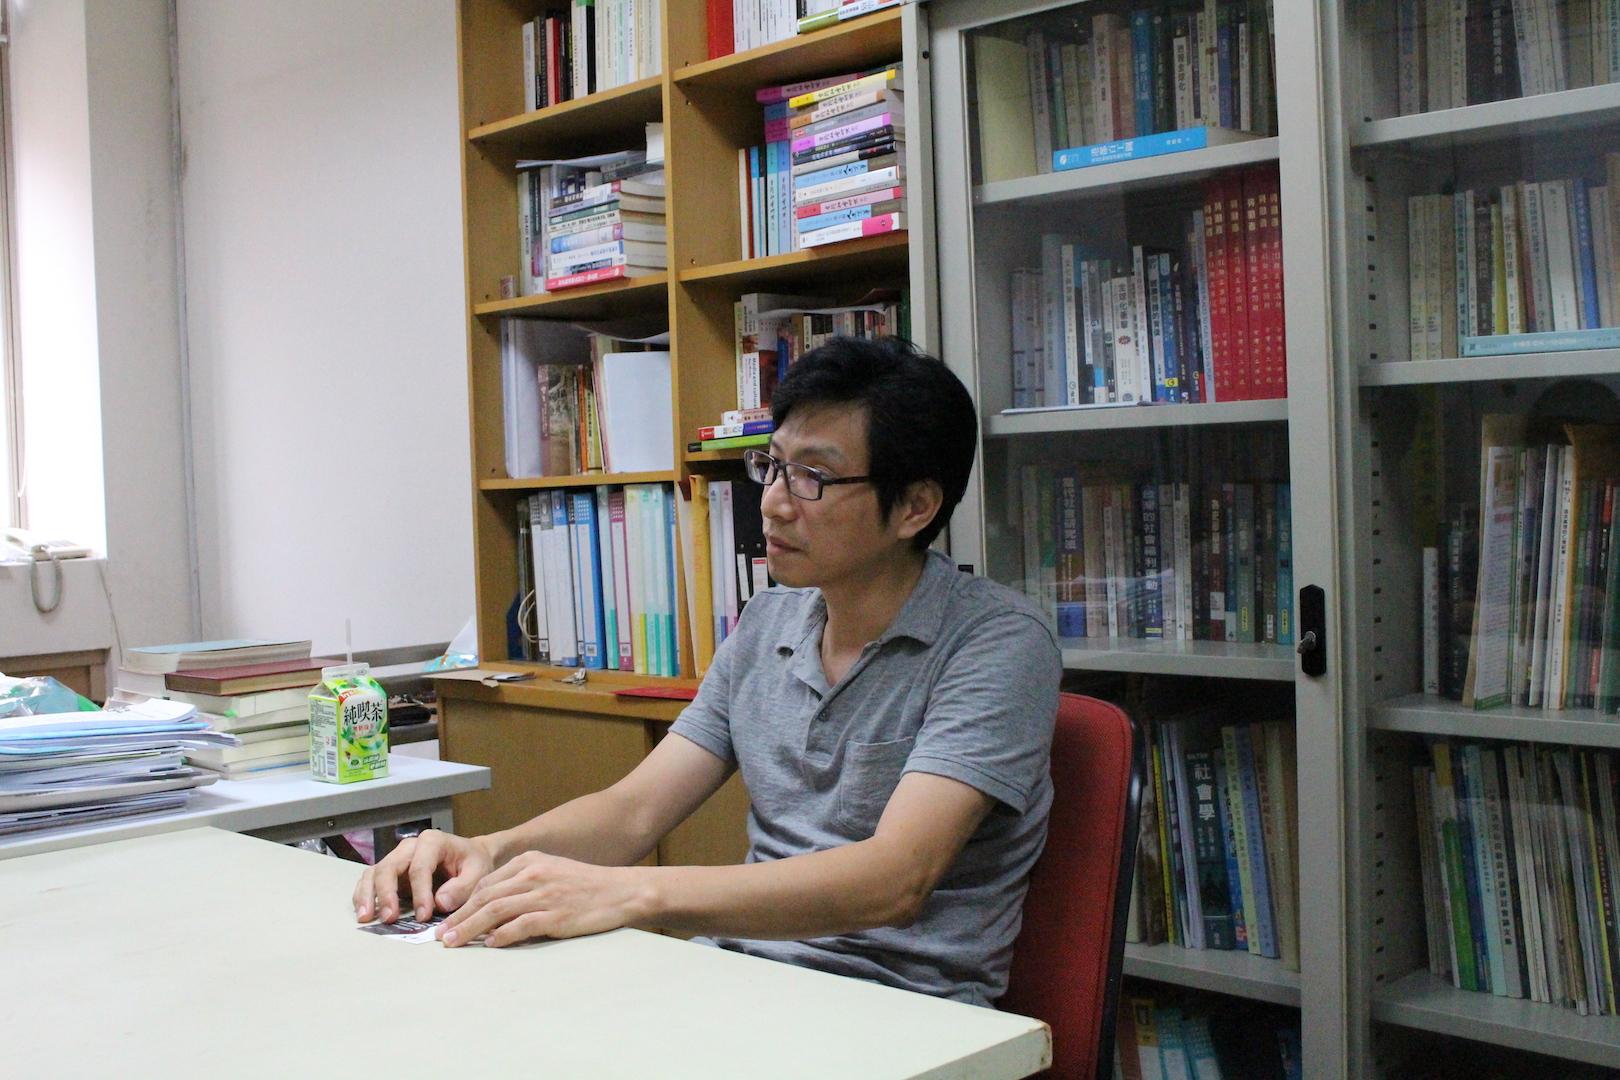 世新大學社會發展研究所副教授陳政亮表示,應從社會、經濟、勞動三面向思考決策。